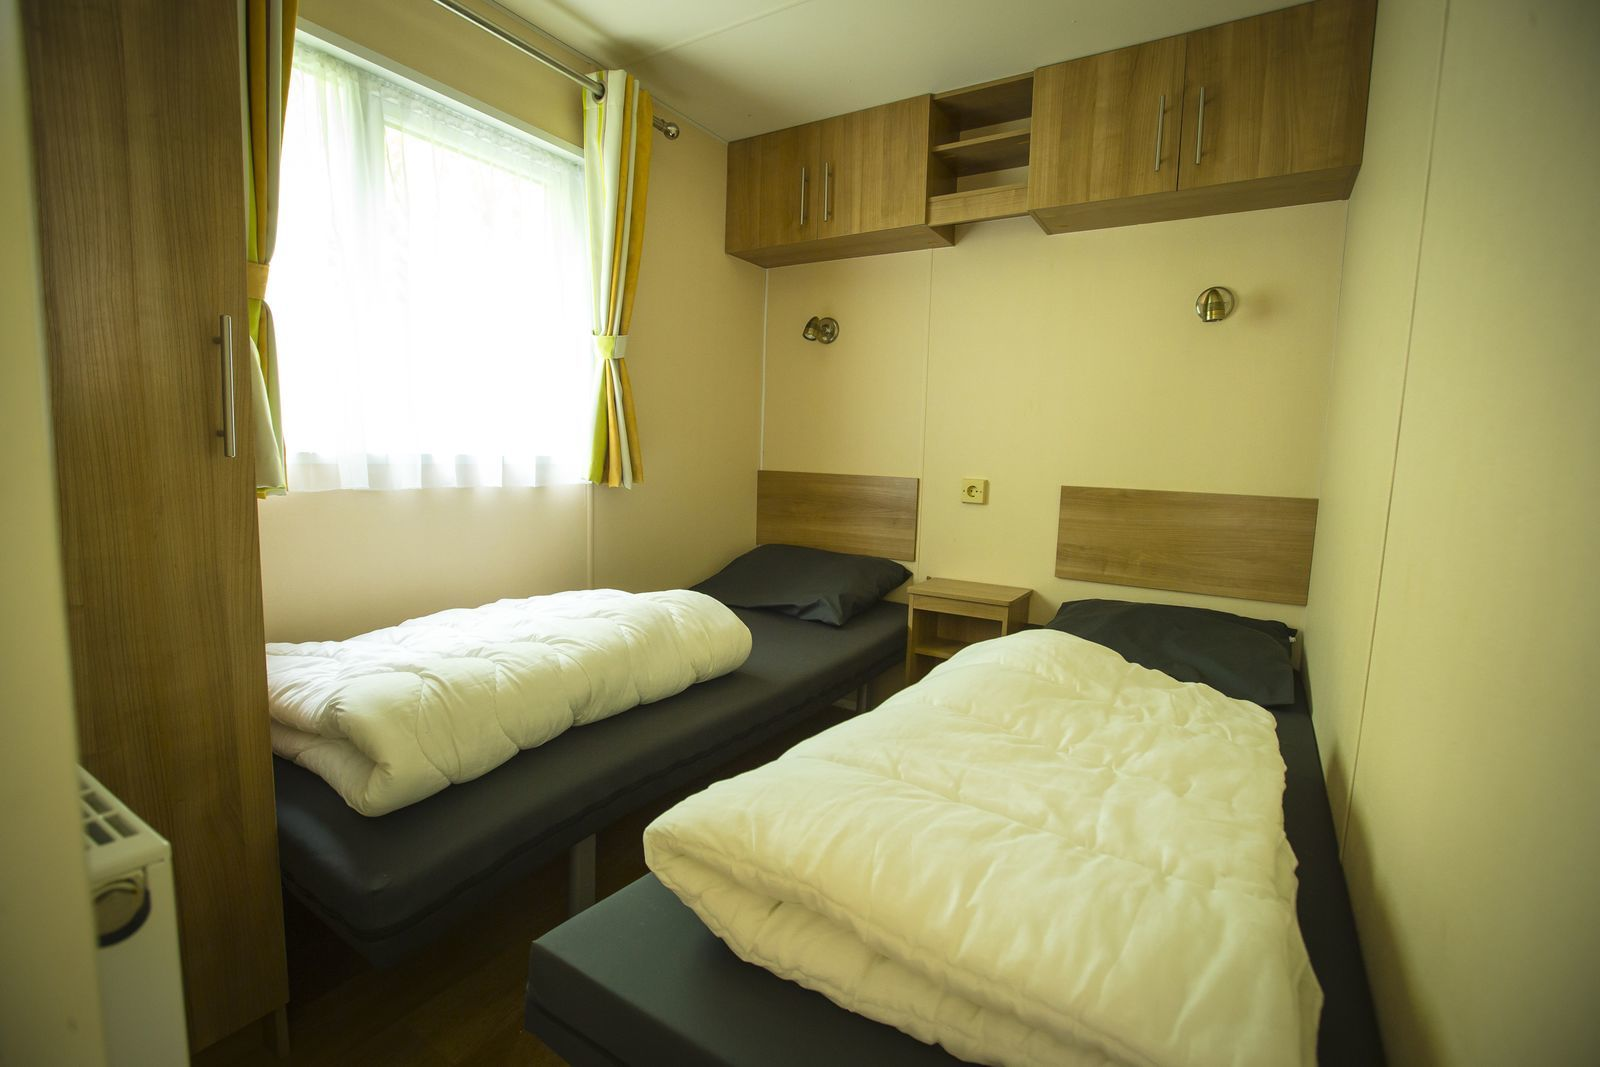 Veranda Chalet 5p. 3 slaapkamers